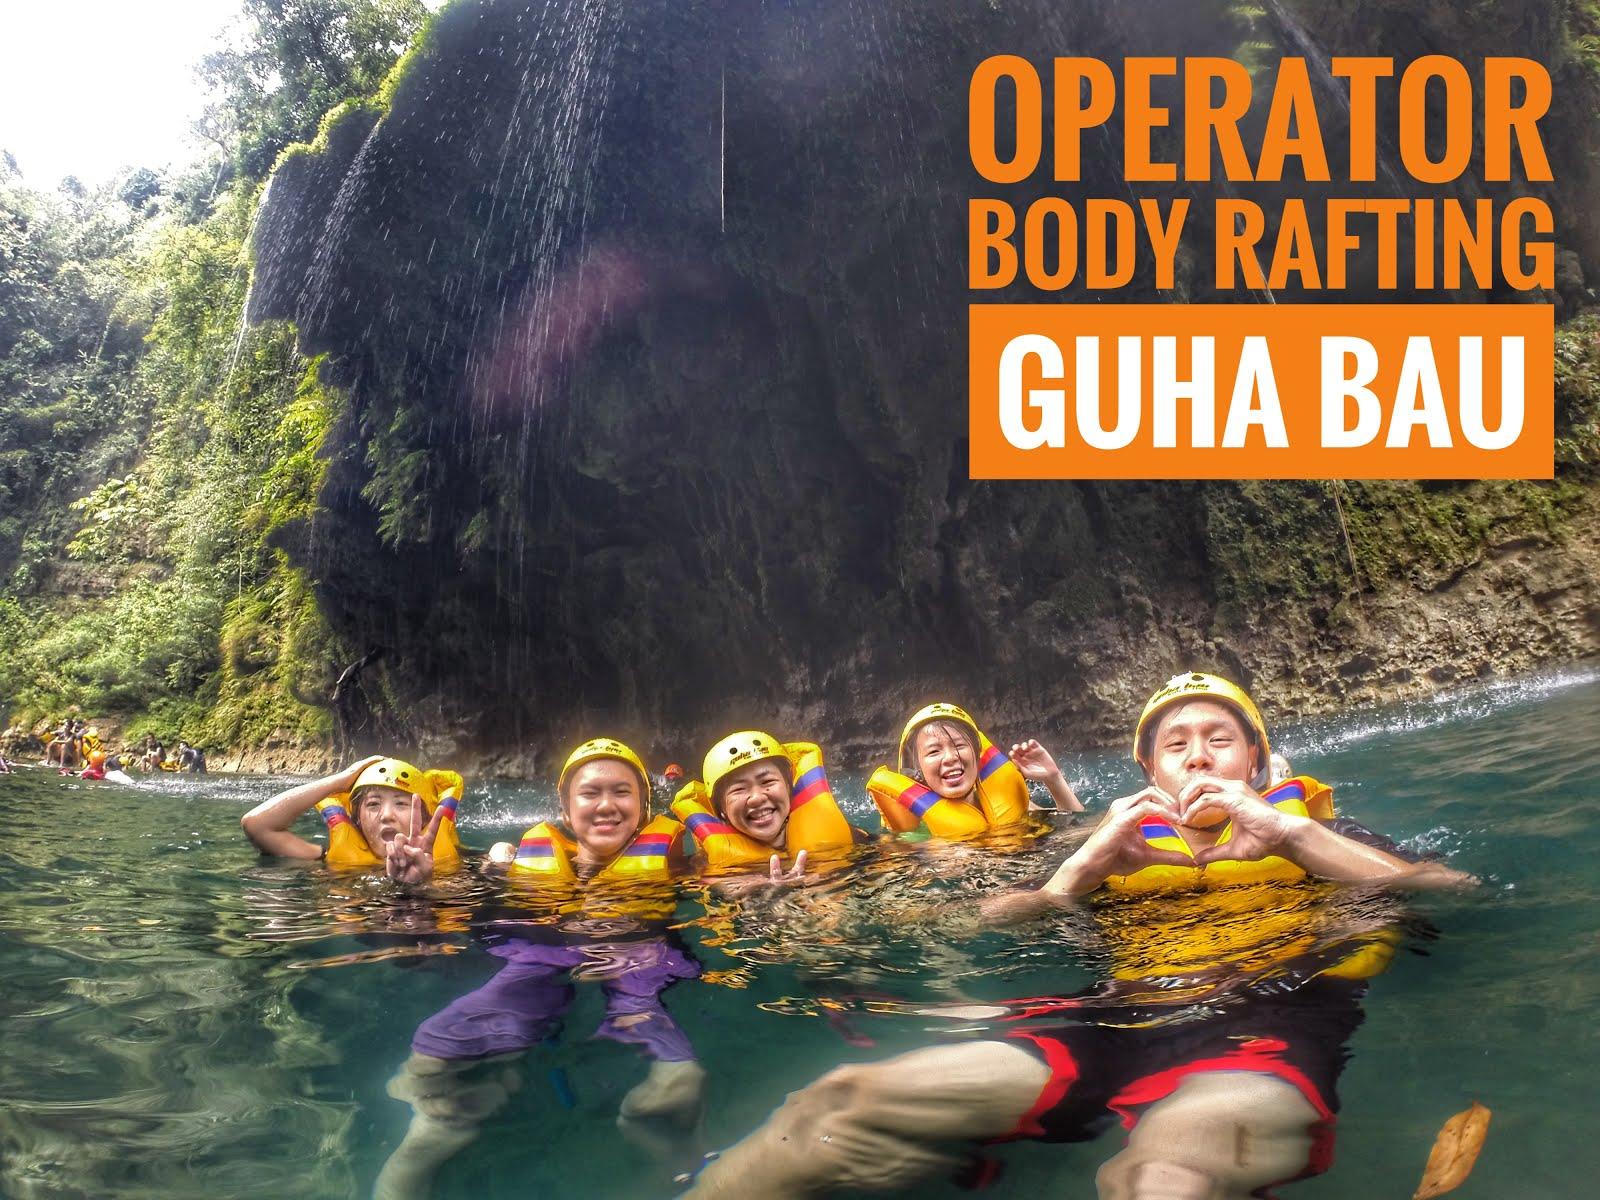 Lokasi Berenang Body Rafting